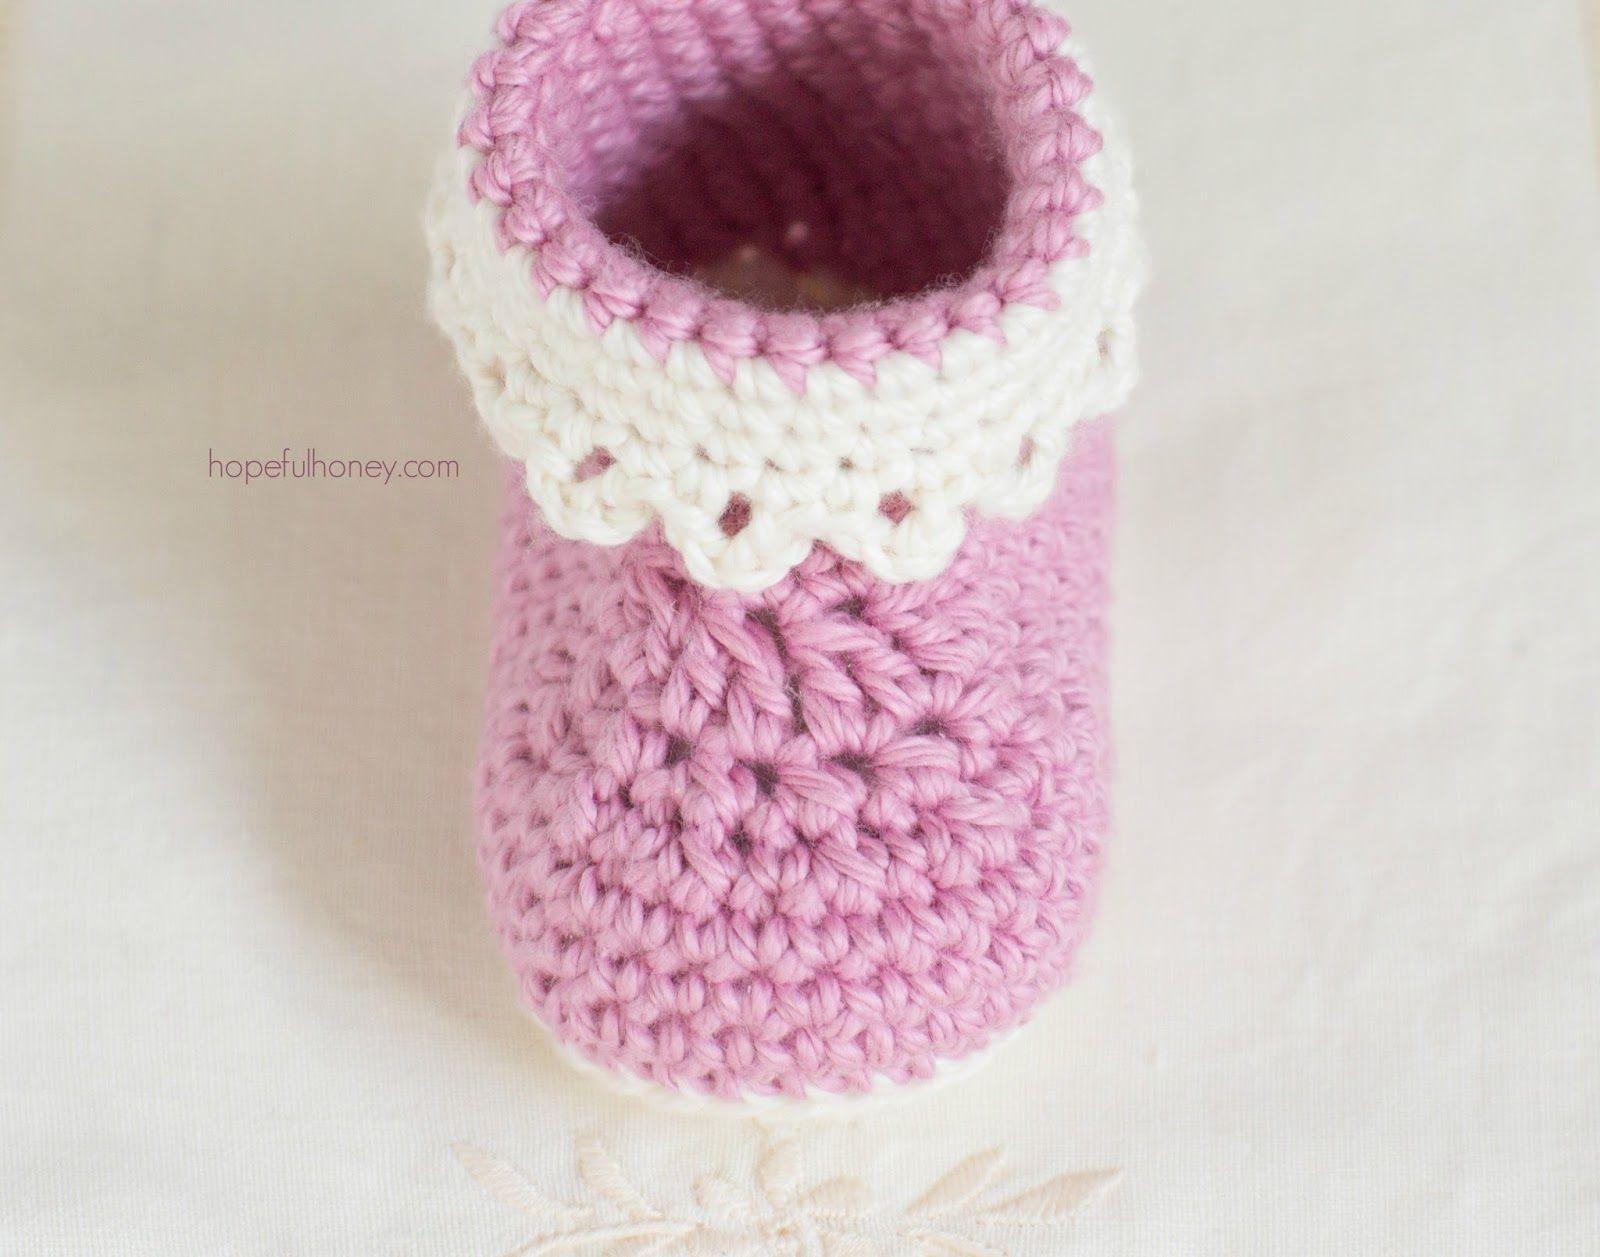 Pink lady baby booties free crochet pattern free crochet lady pink lady baby booties free crochet pattern bankloansurffo Gallery